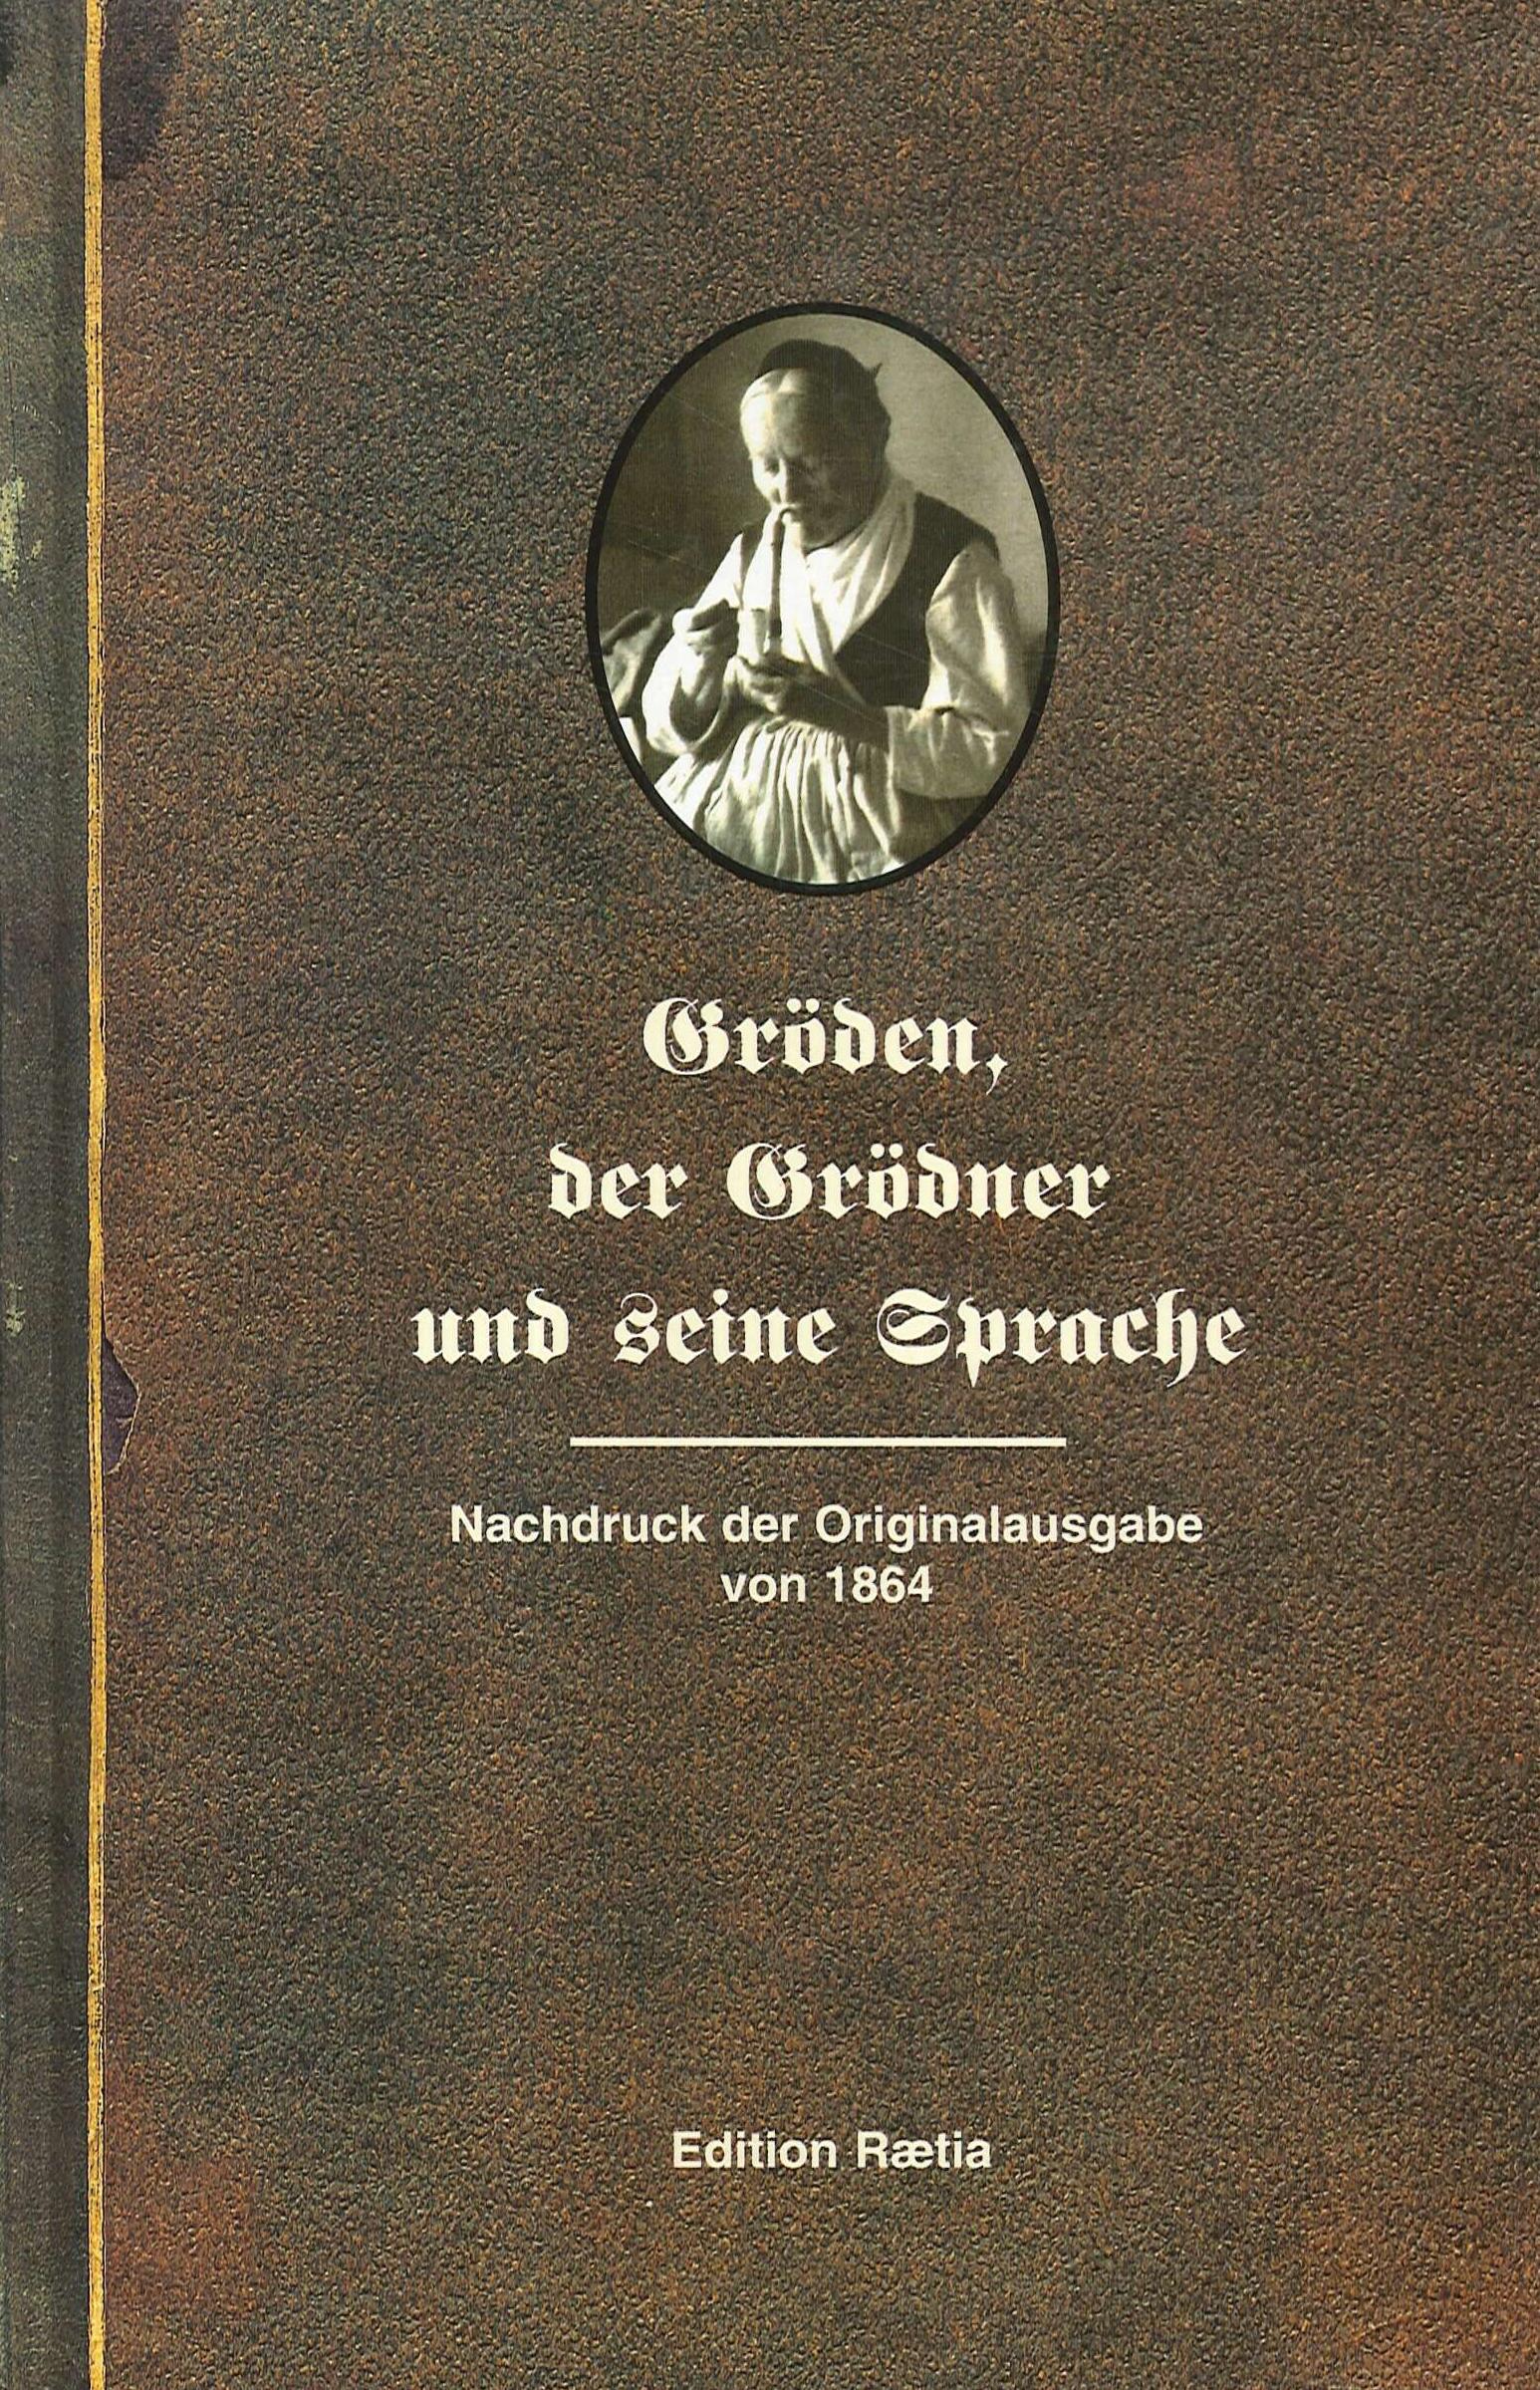 Gröden, der Grödner und seine Sprache. Nachdruck der Originalausgabe von 1864.